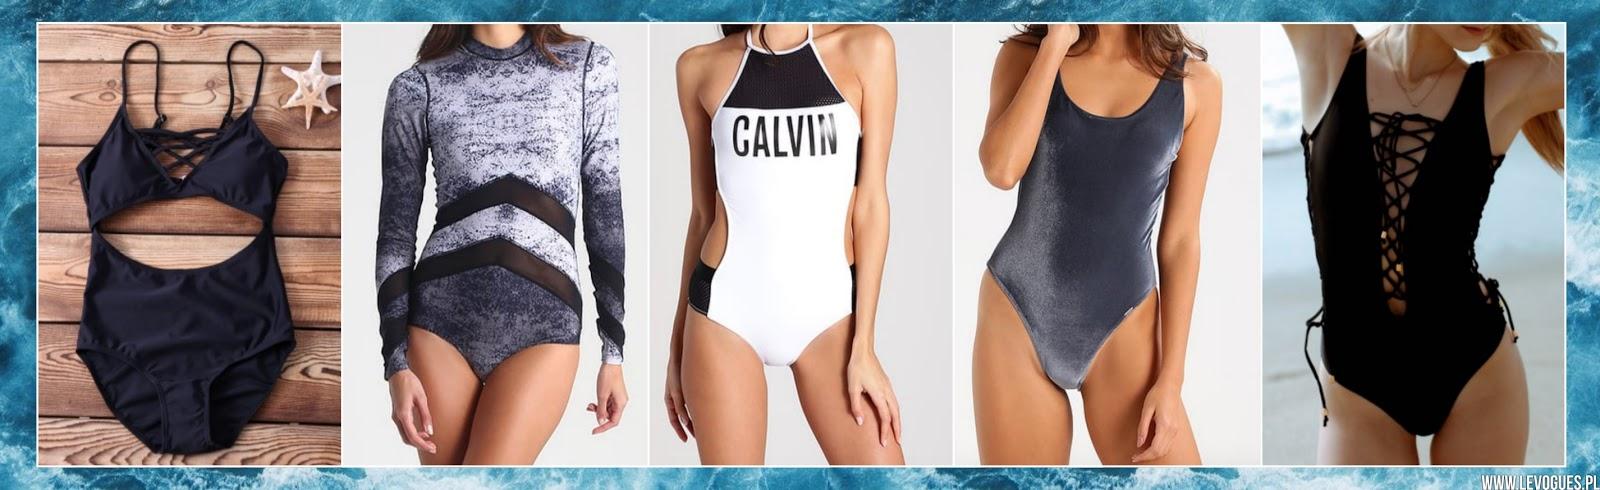 jednoczęściowe stroje kąpielowe lato 2017 trendy